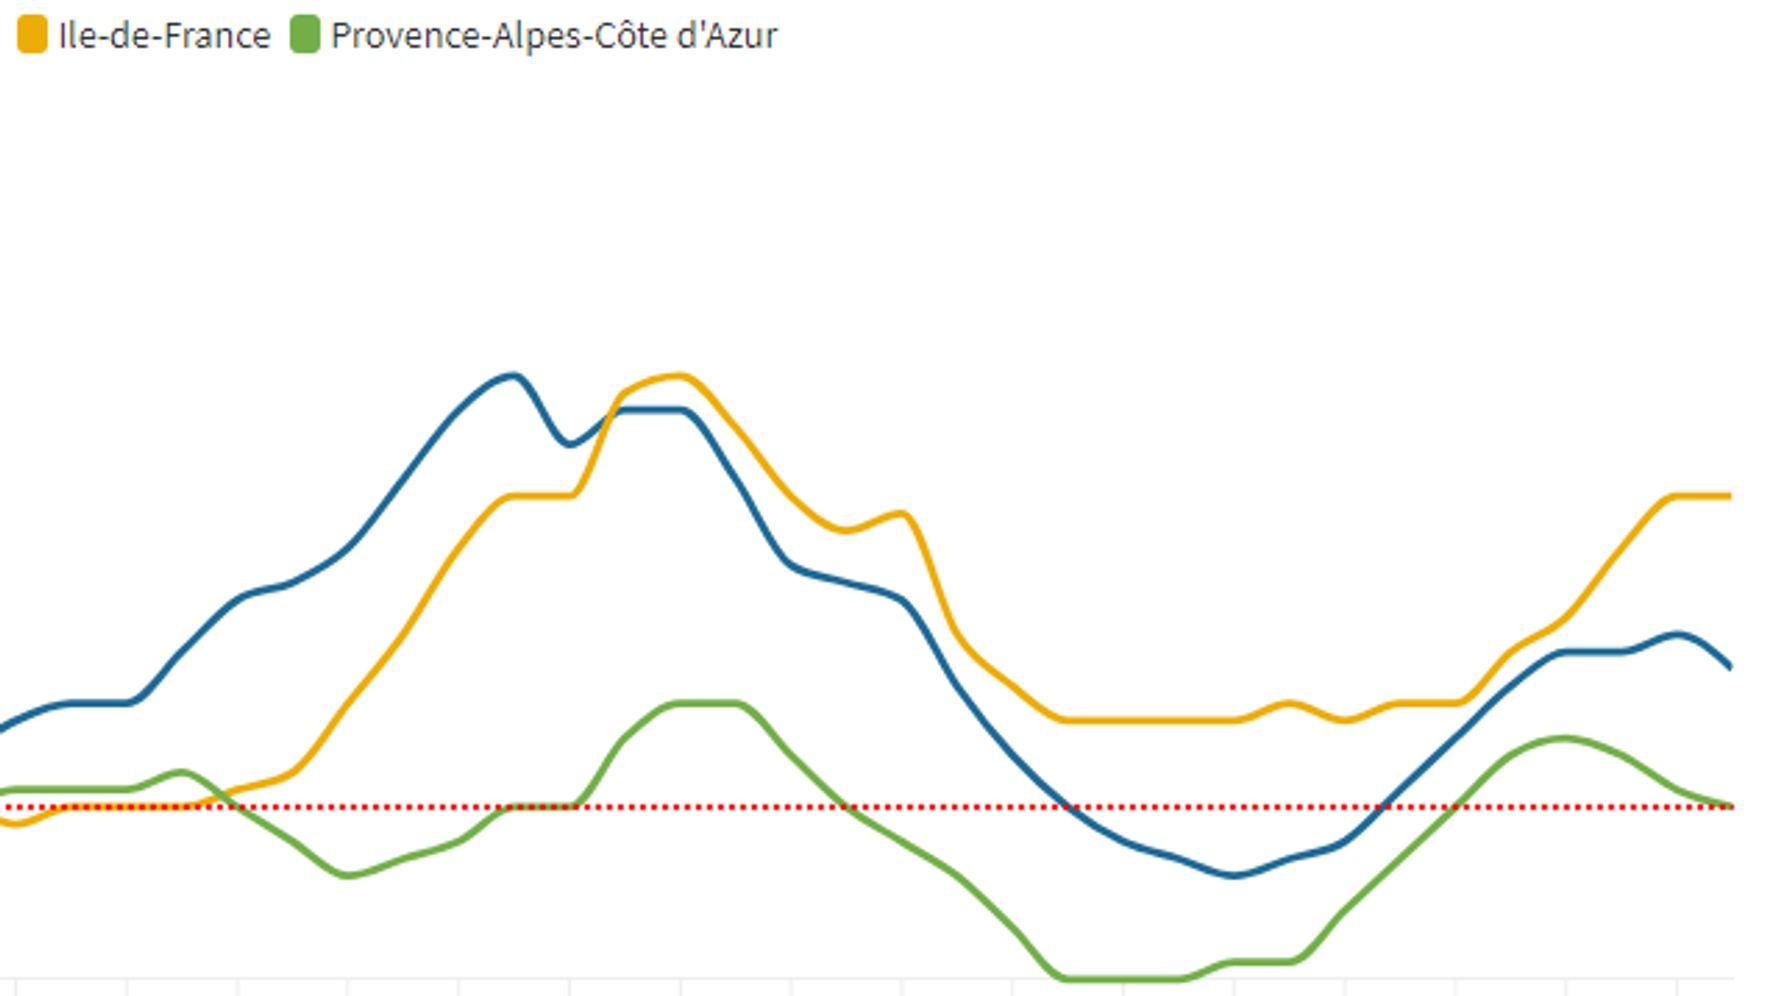 Pourquoi Castex va prendre des mesures en Île-de-France mais pas en Paca: réponse en courbes